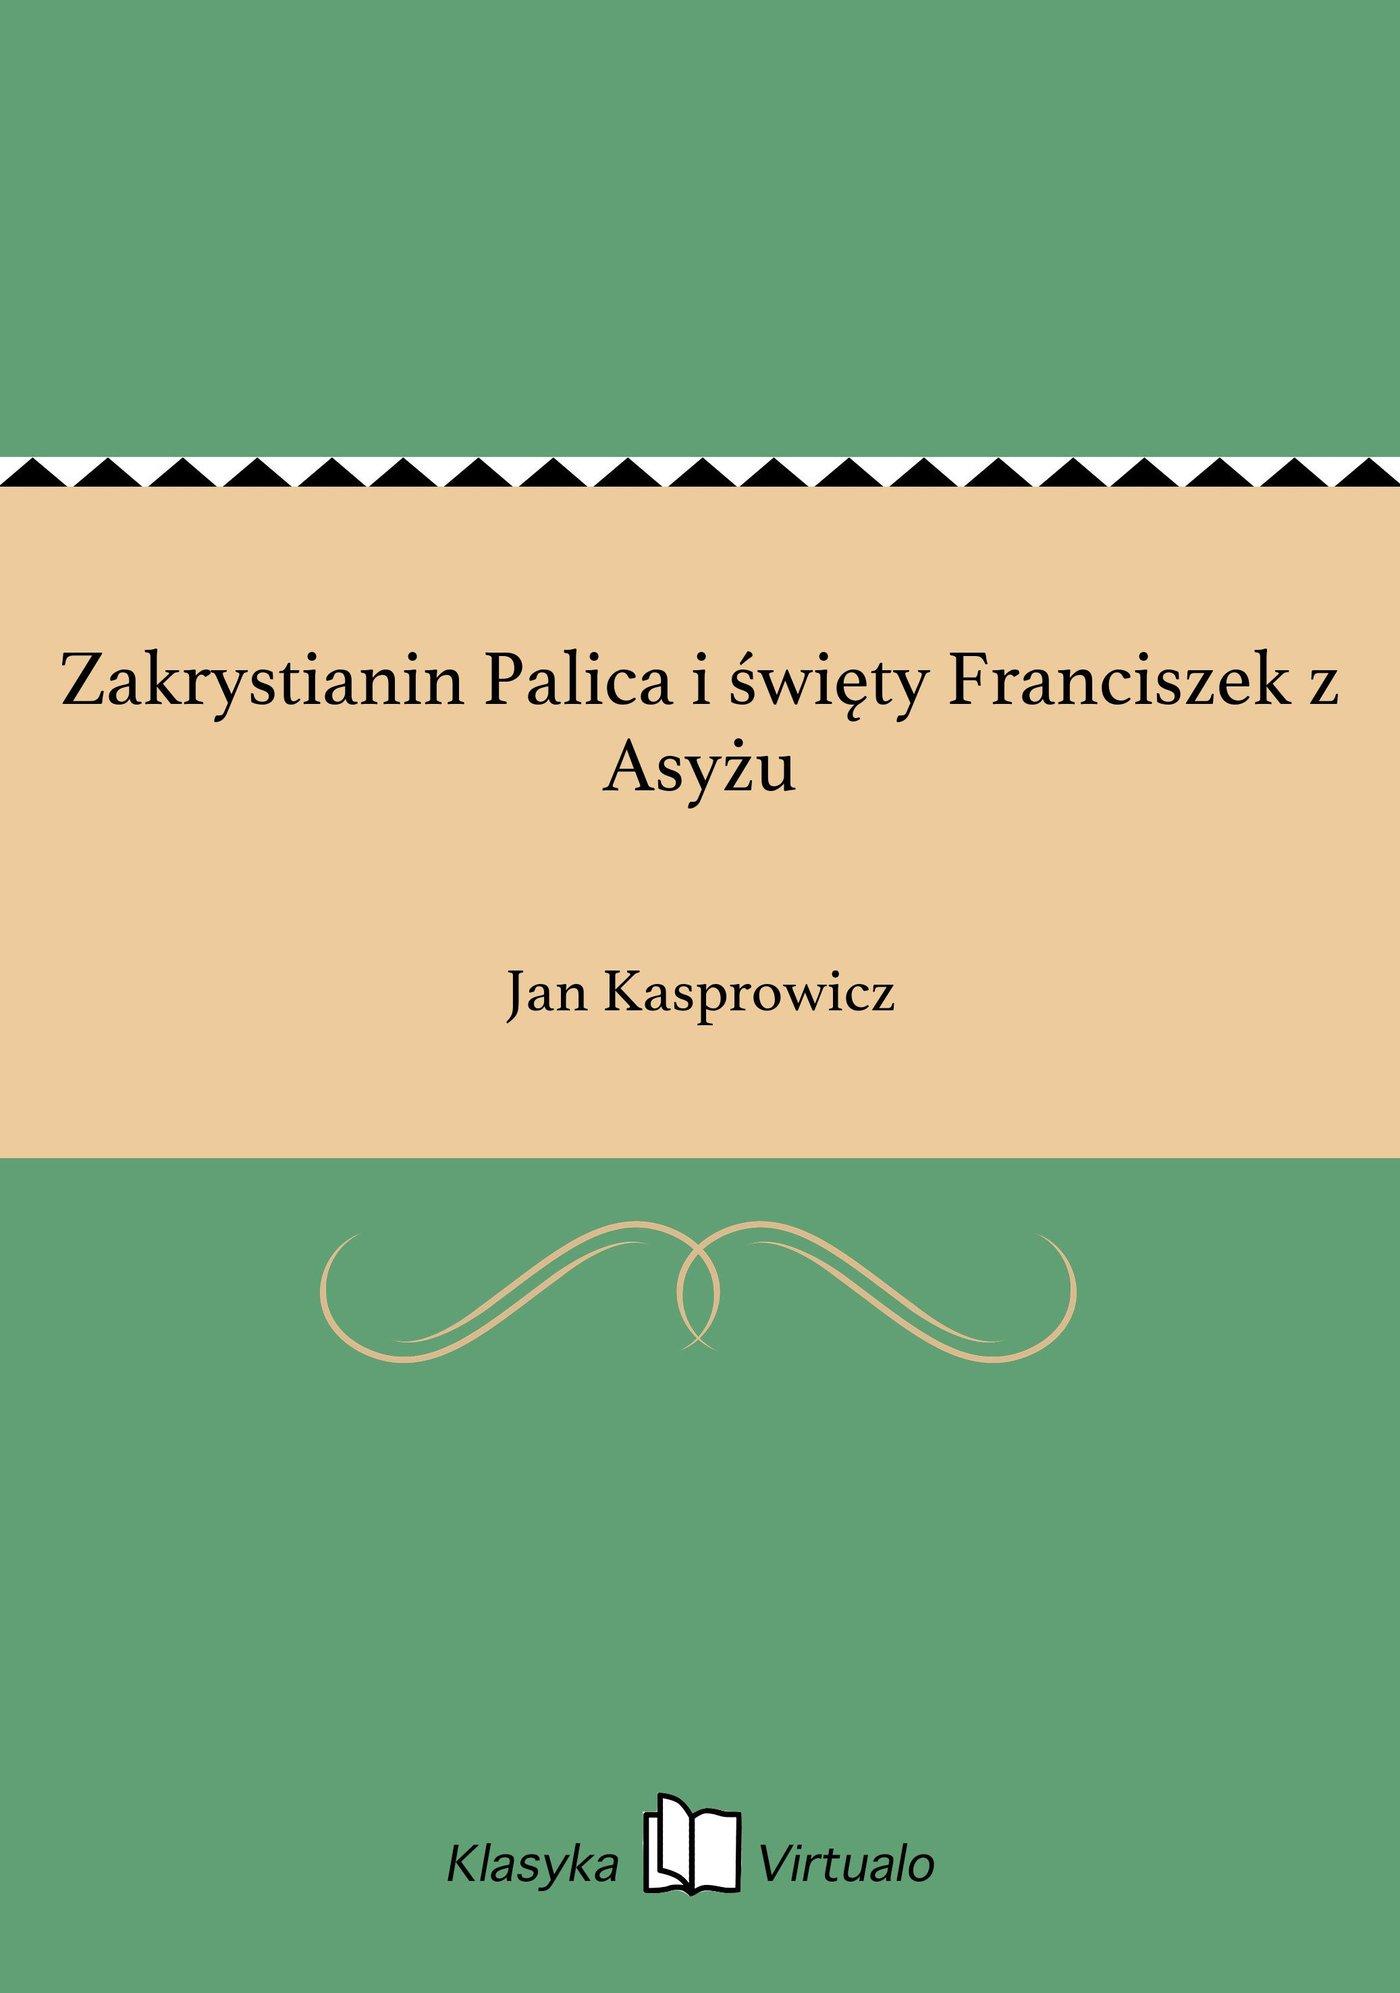 Zakrystianin Palica i święty Franciszek z Asyżu - Ebook (Książka EPUB) do pobrania w formacie EPUB